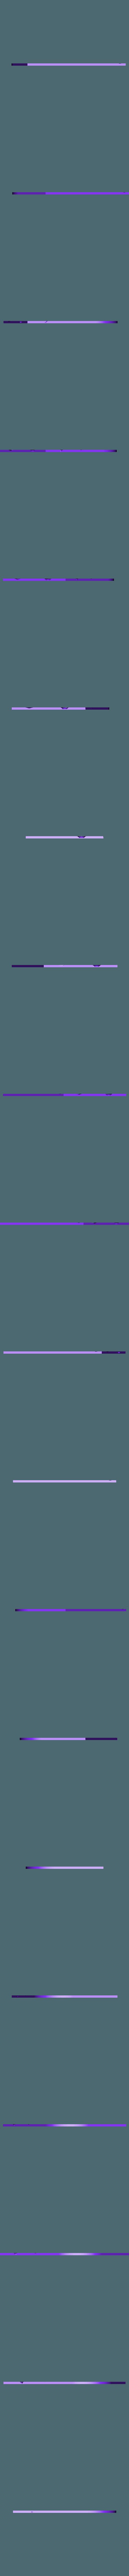 Delire.stl Télécharger fichier STL gratuit Gorrillaz • Design imprimable en 3D, yb__magiic